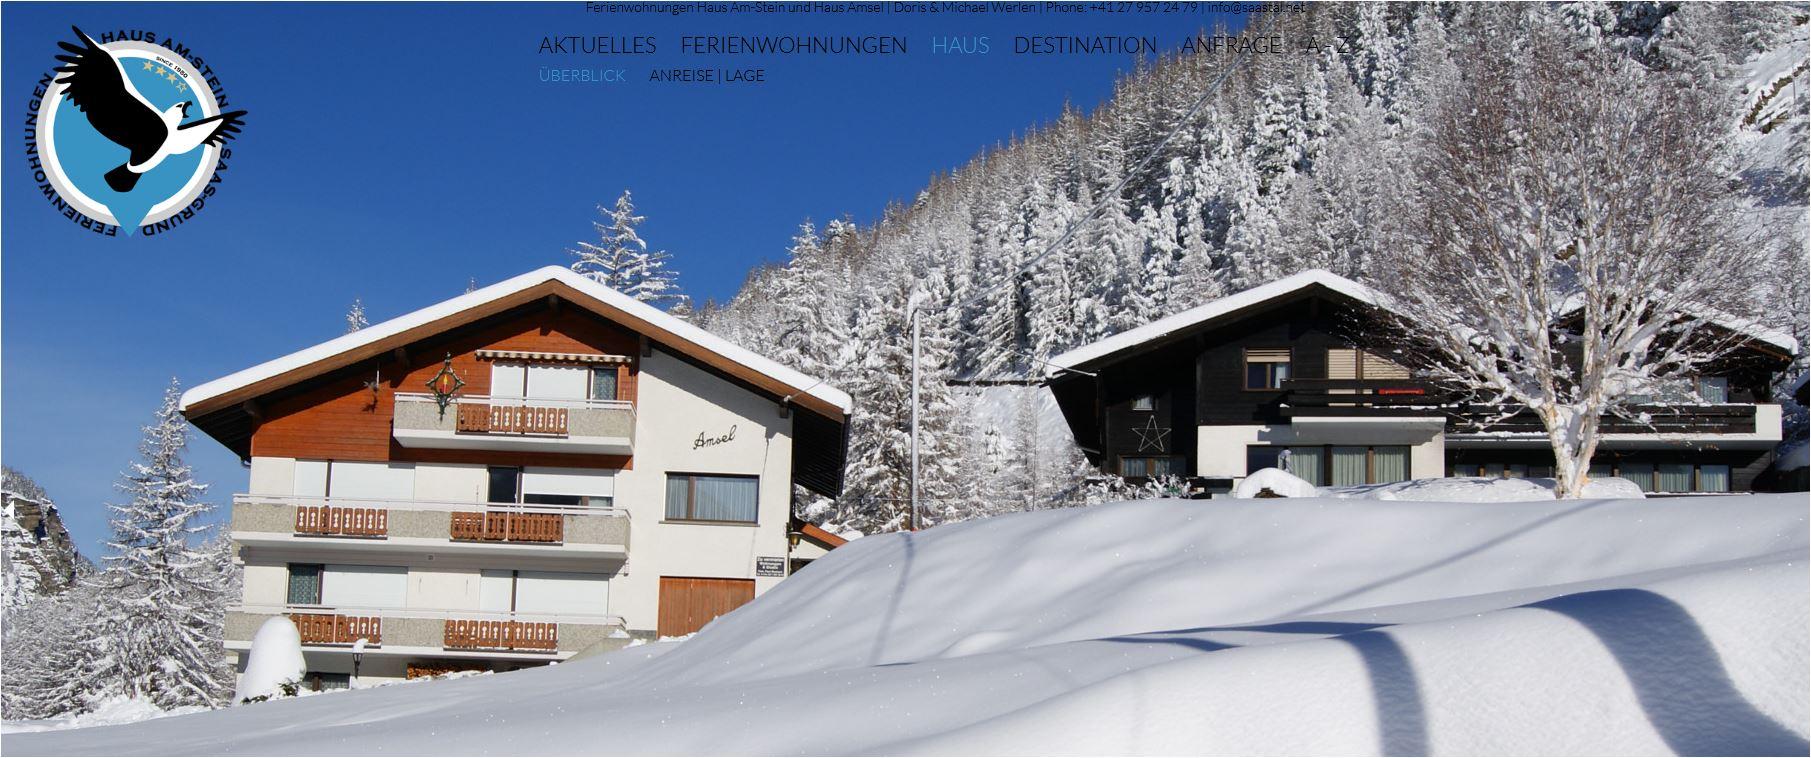 ferienwohnungen Schweiz